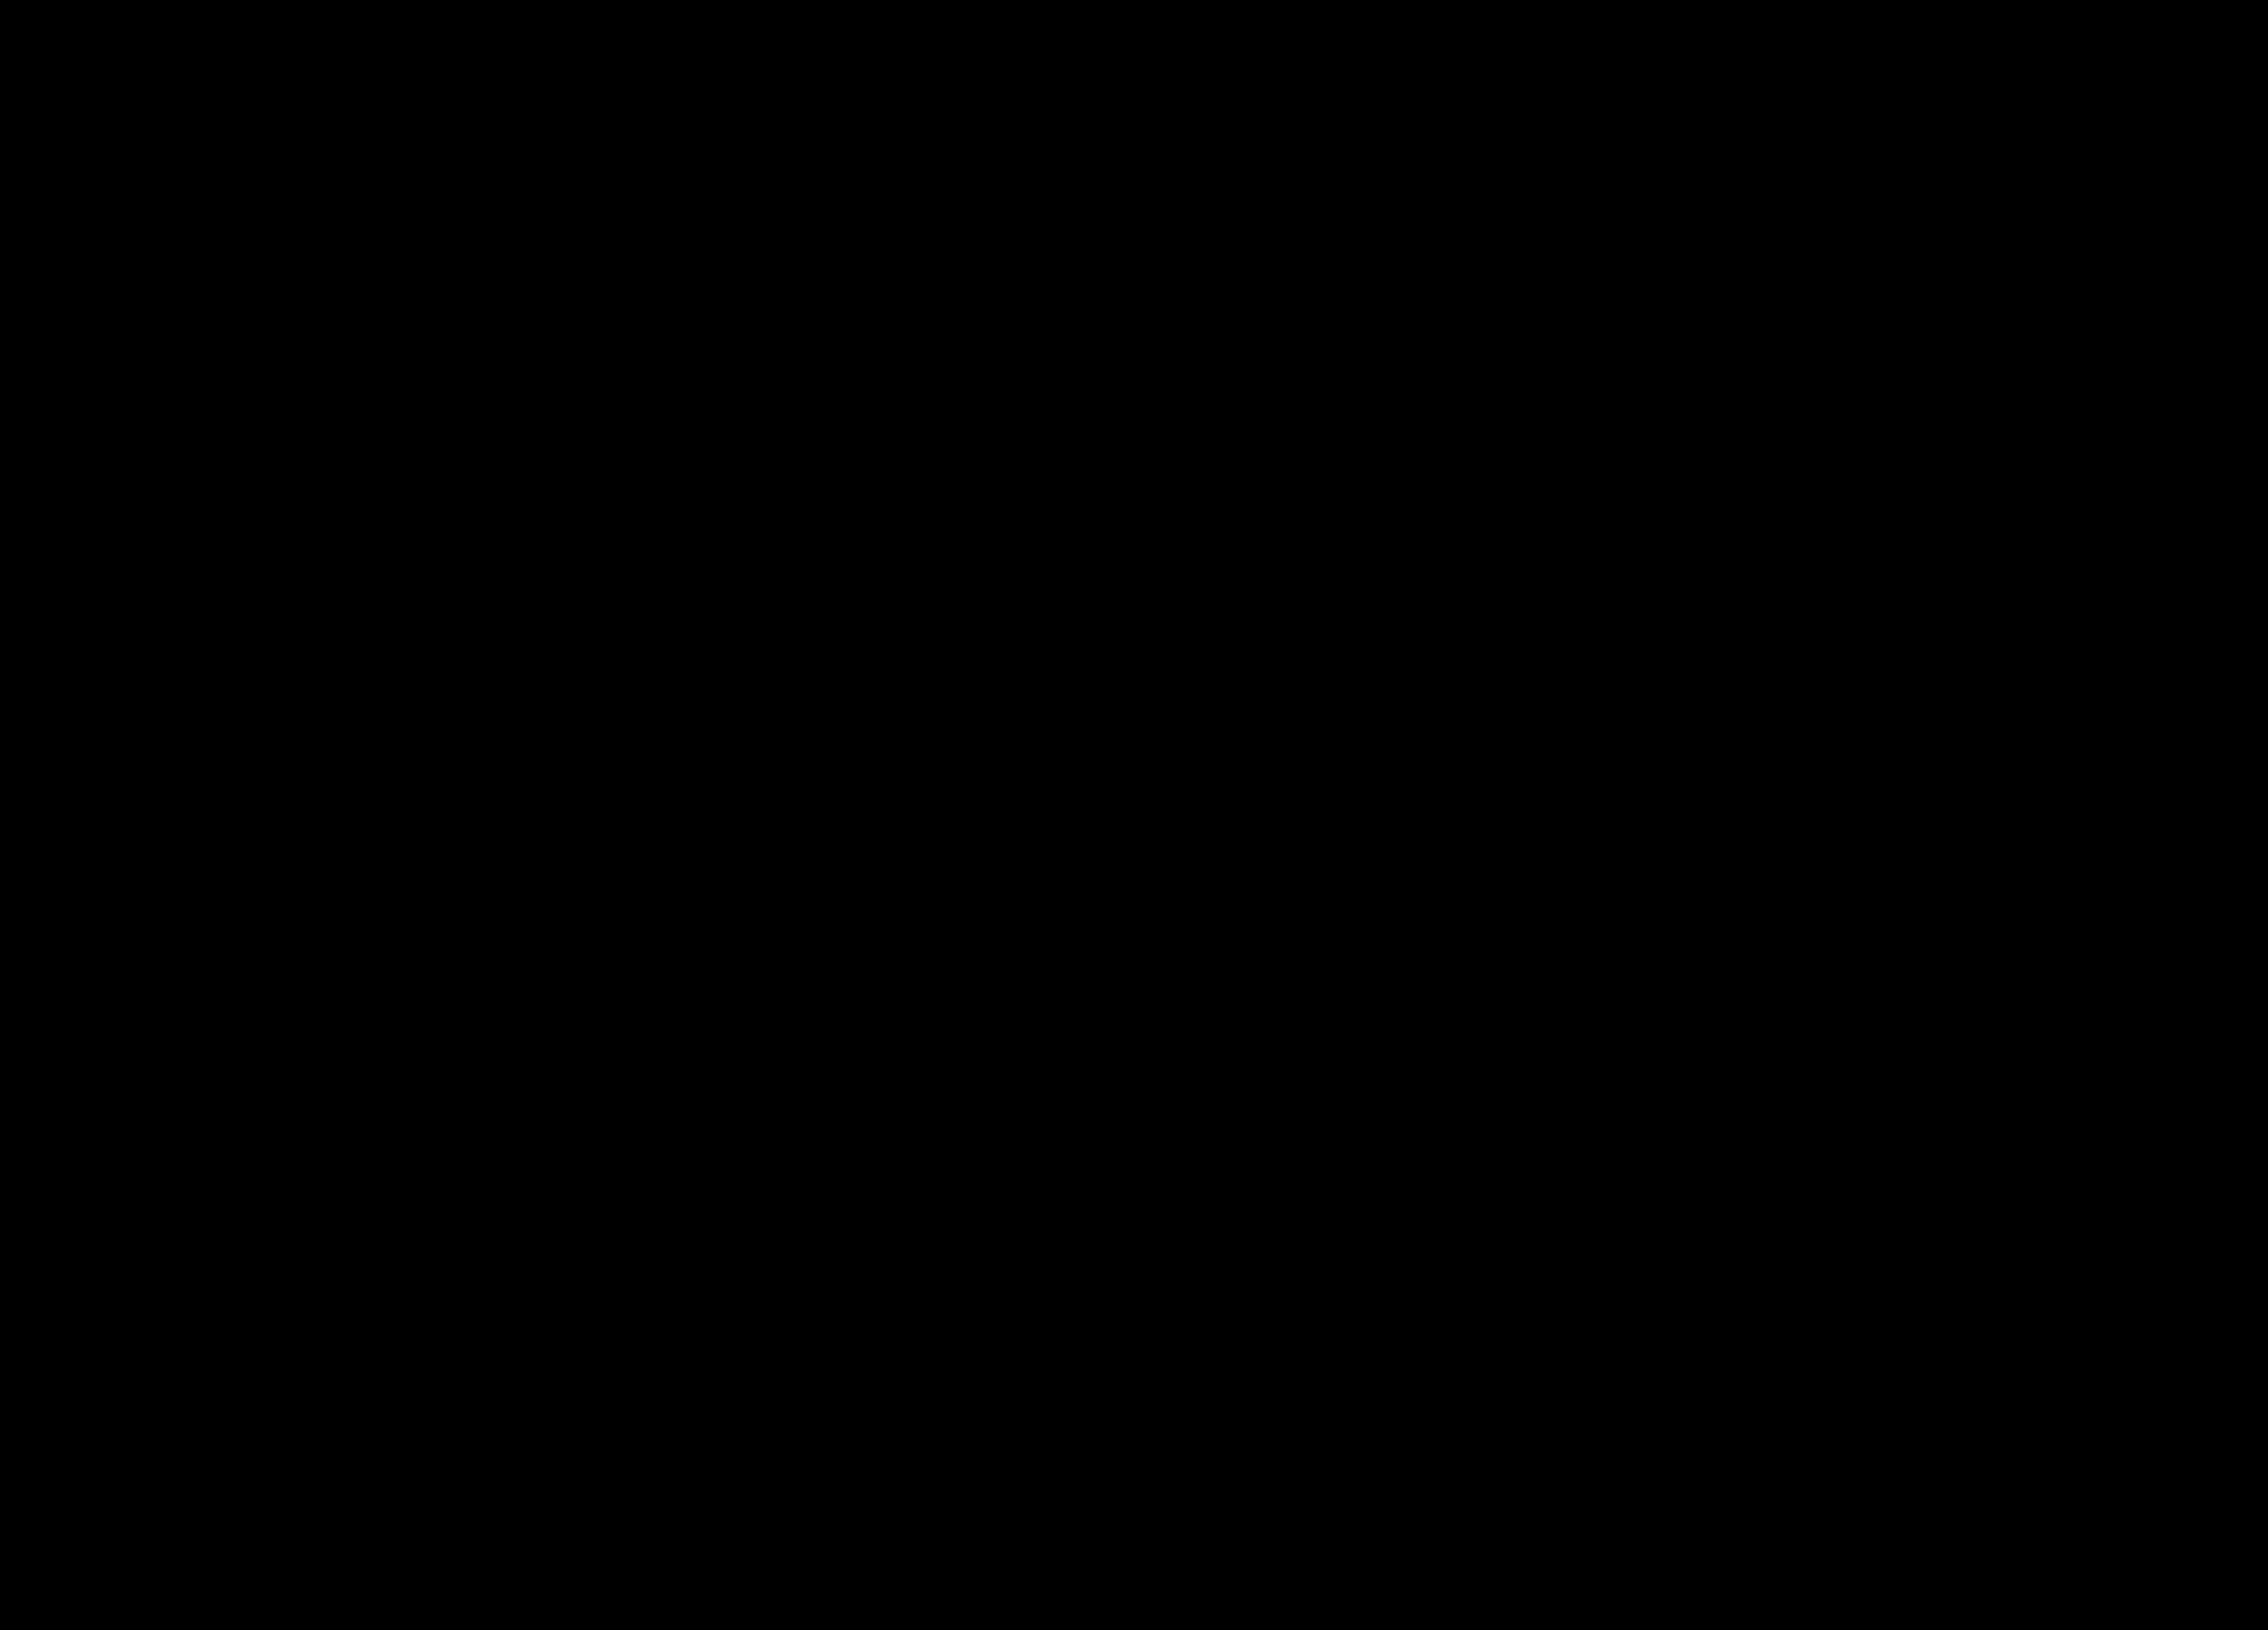 ארון הזזה עם מראה 270 אגוז ספיר